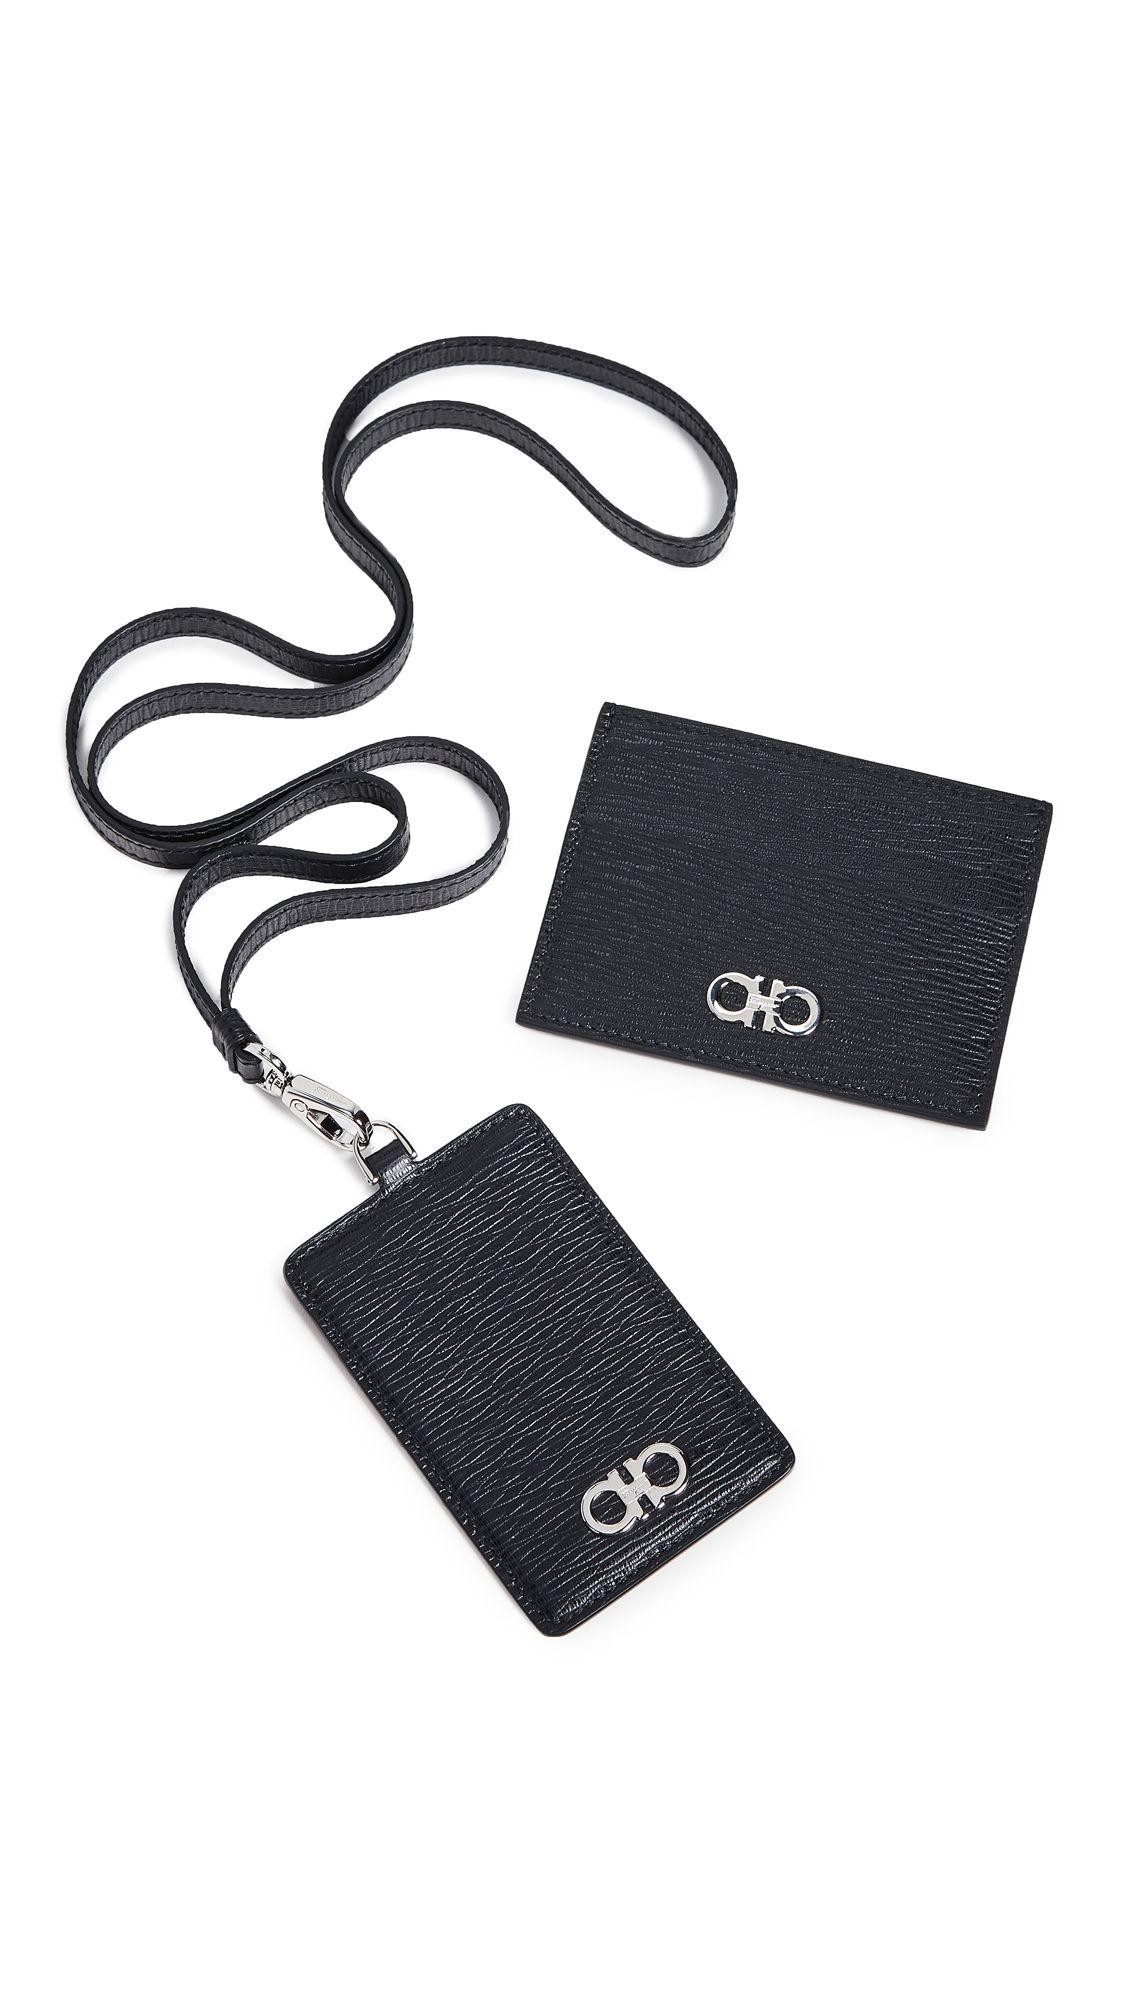 54e5364a056 SALVATORE FERRAGAMO REVIVAL GANCINI CARD CASE   LANYARD GIFT BOX.   salvatoreferragamo  bags